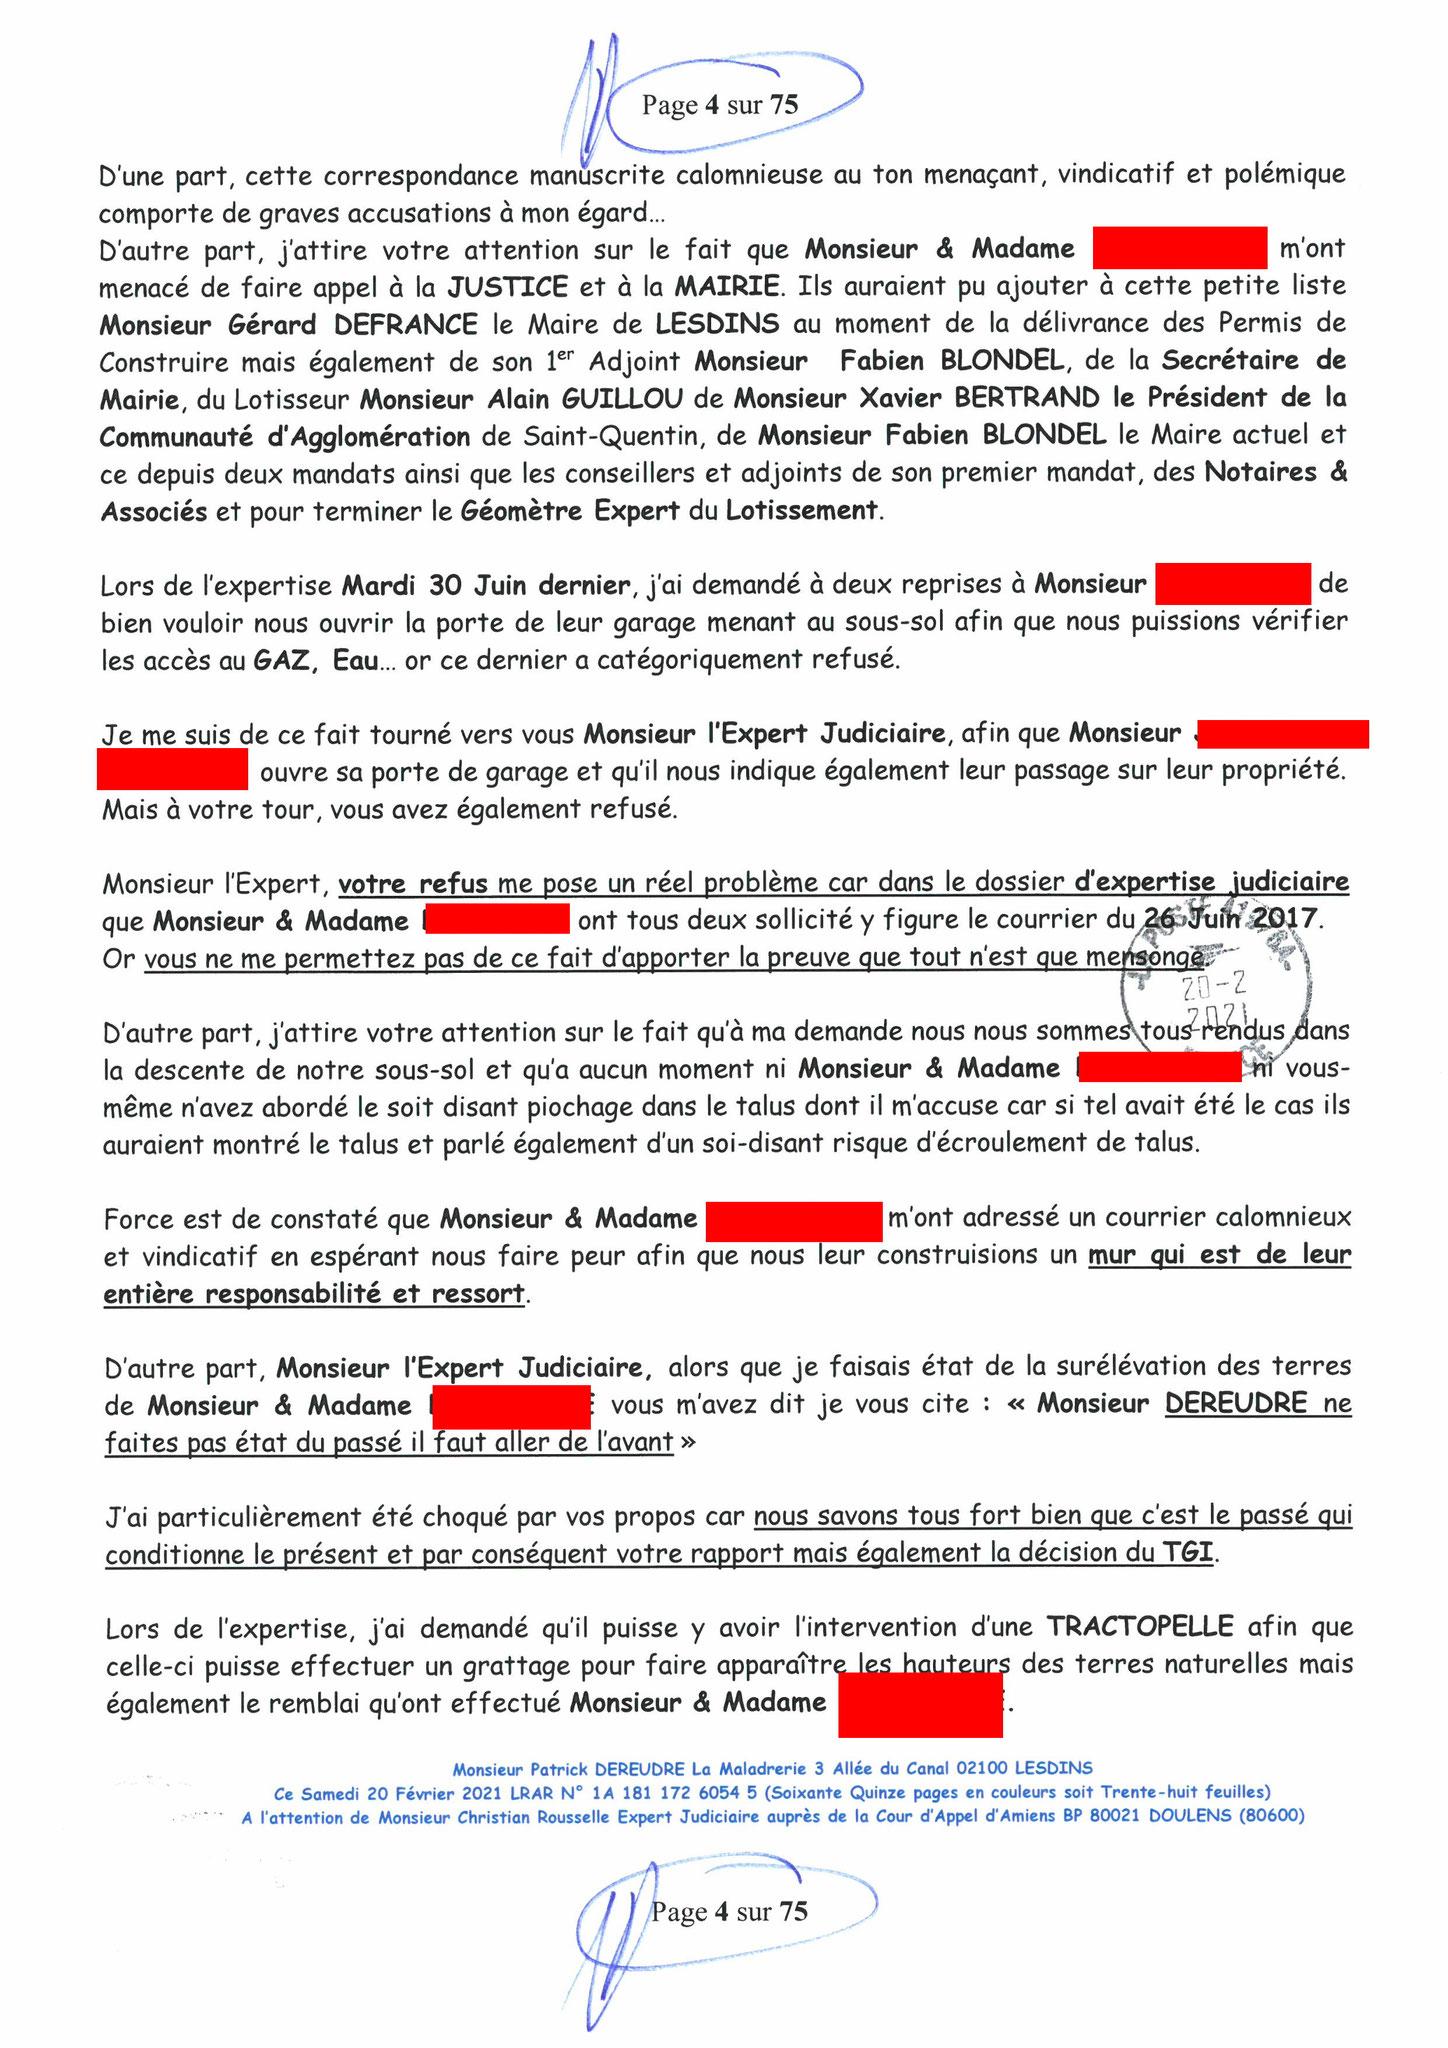 Page 4 Ma  Lettre Recommandée à Monsieur Christian ROUSSELLE Expert Judiciaire auprès de la Cour d'Appel d'Amiens Affaire MES CHERS VOISINS nos  www.jenesuispasunchien.fr www.jesuisvictime.fr www.jesuispatrick.fr PARJURE & CORRUPTION JUSTICE REPUBLIQUE